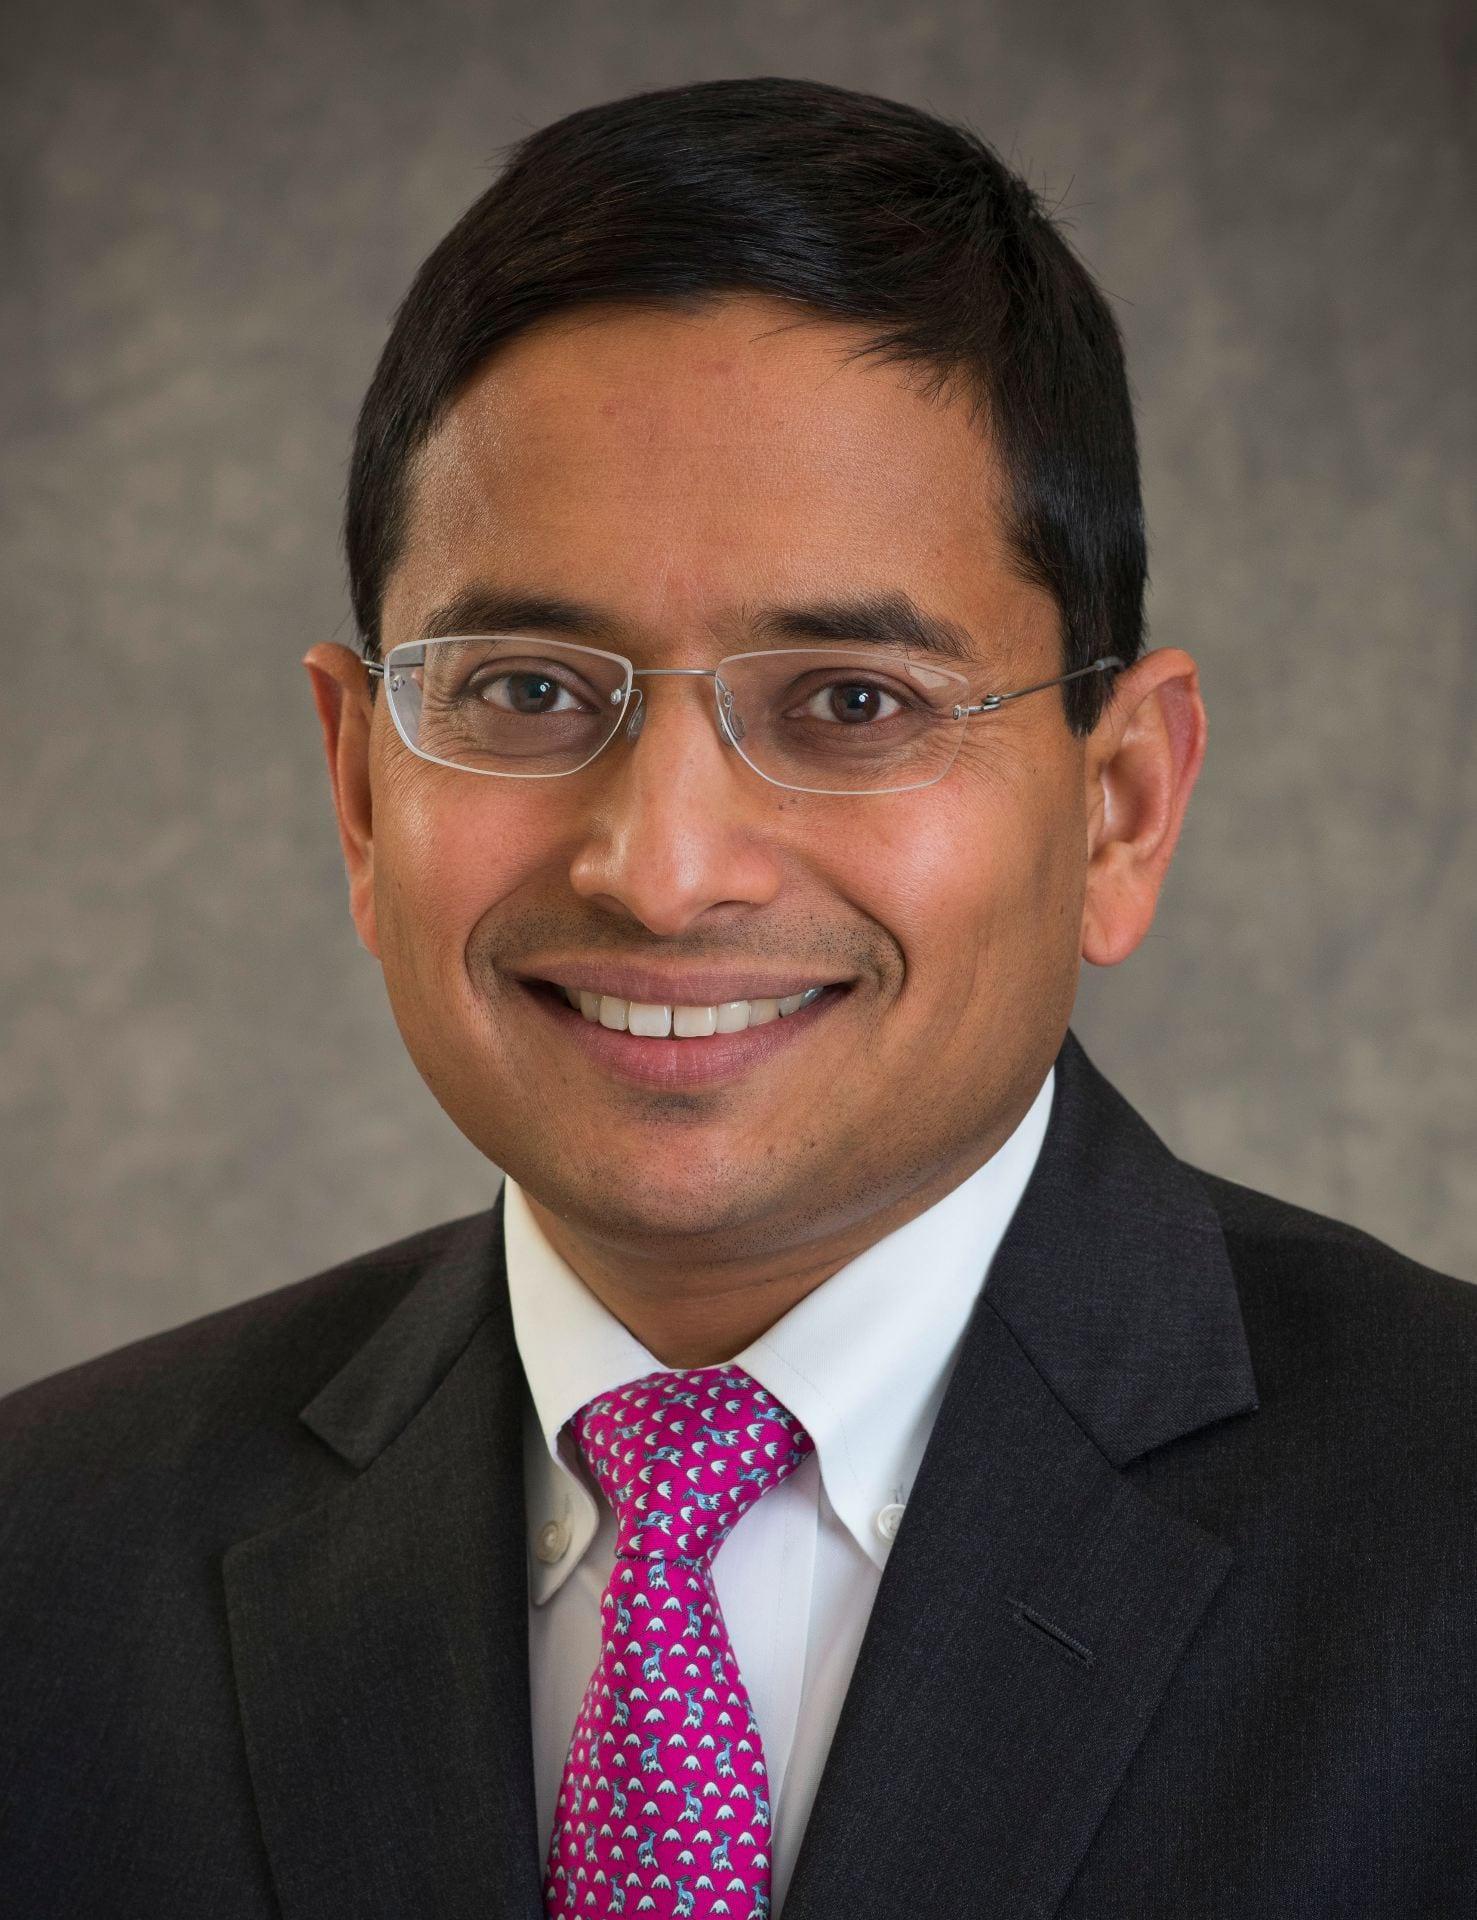 Prakhar Bansal, CFA